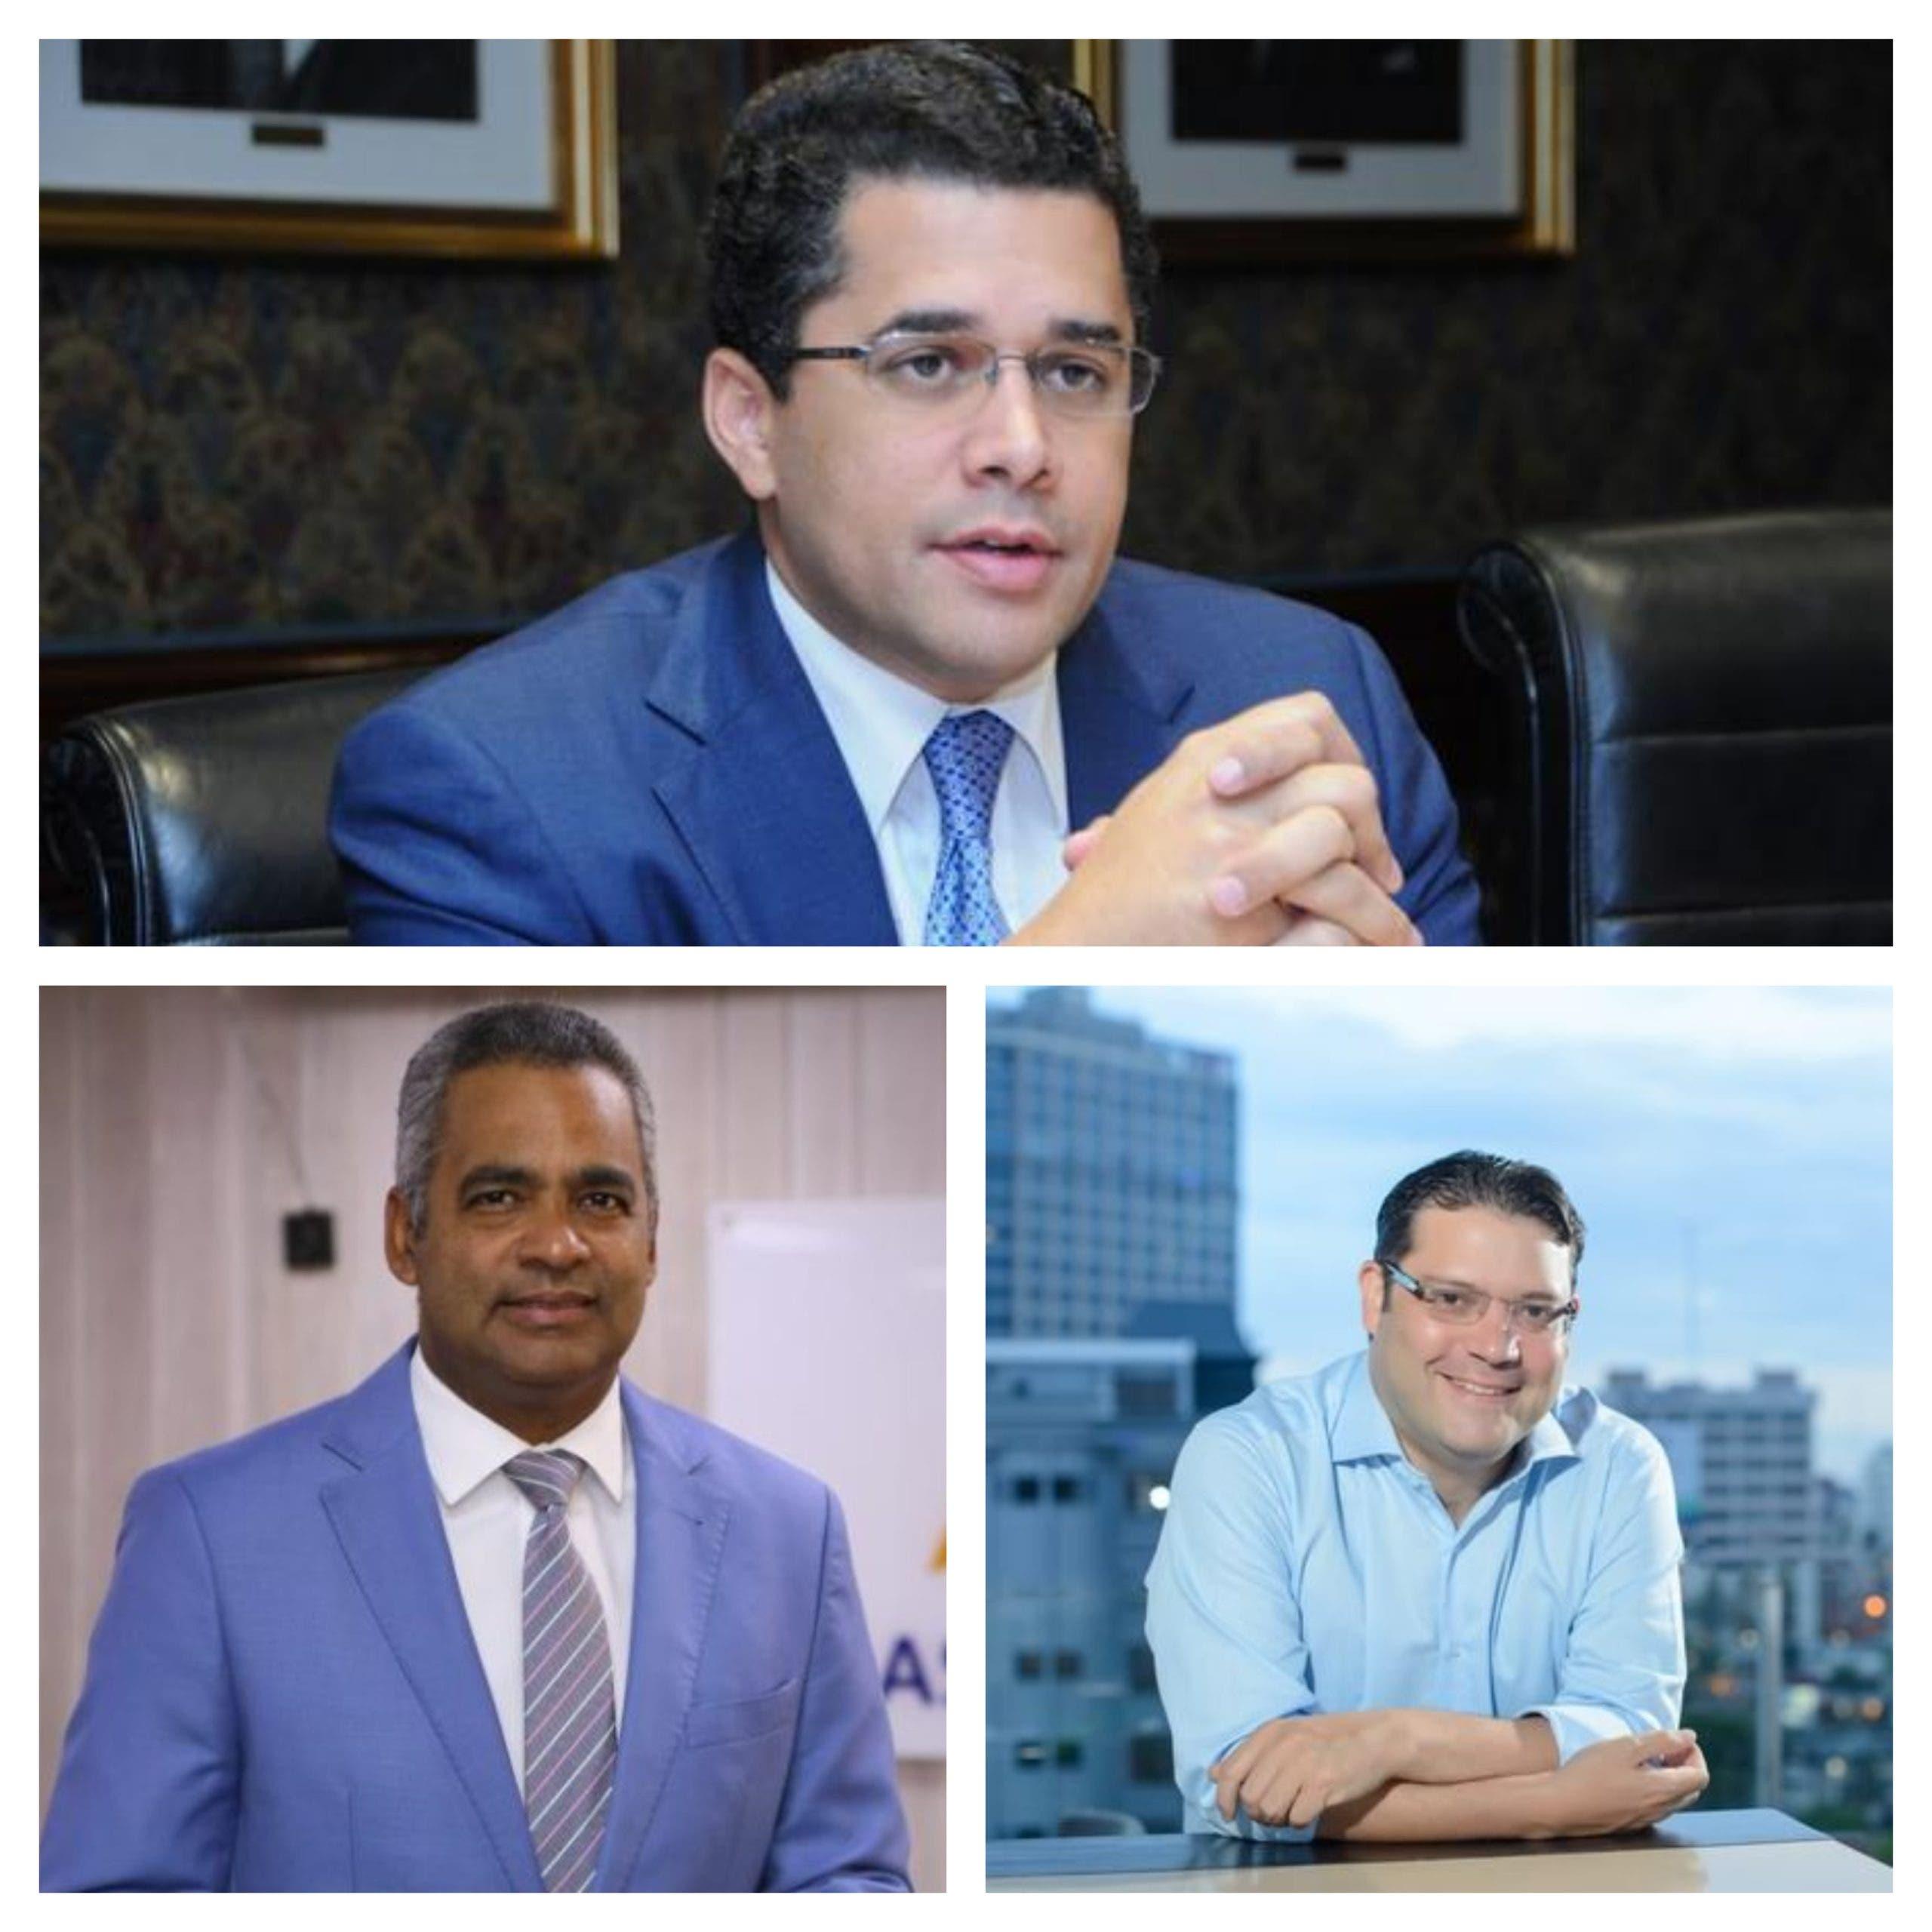 Abinader anunciará hoy su ministro de Turismo: Sanz Lovaton, Joel Santos o David Collado